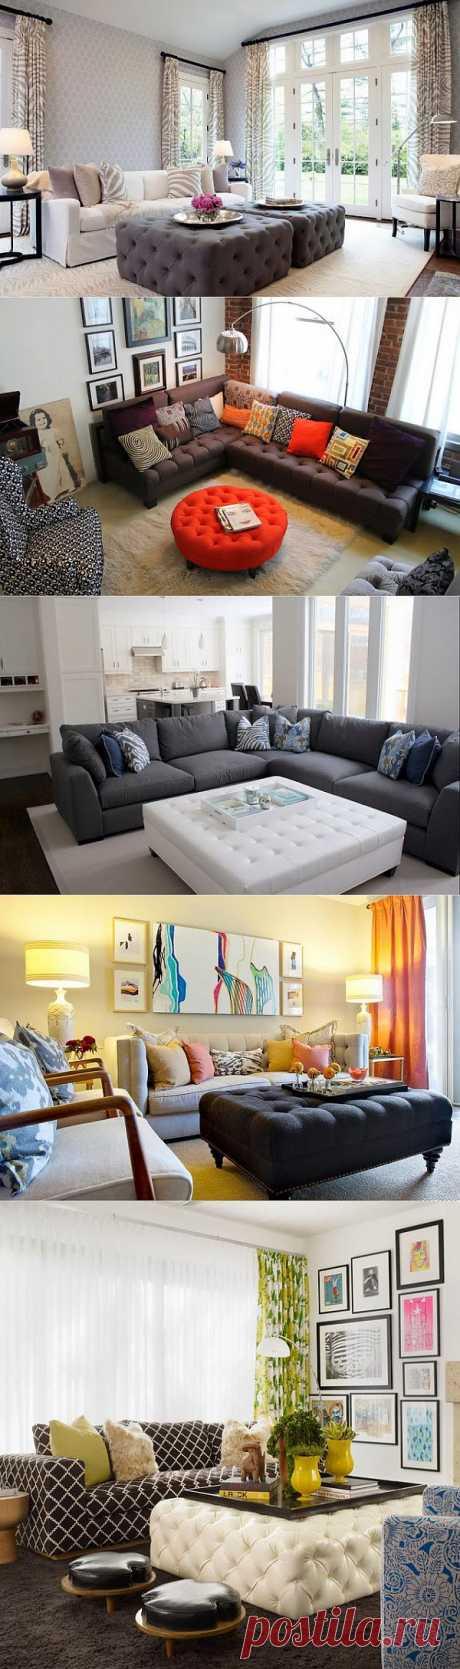 Оттоманка в интерьере: 7 способов использования ~ Sweet home